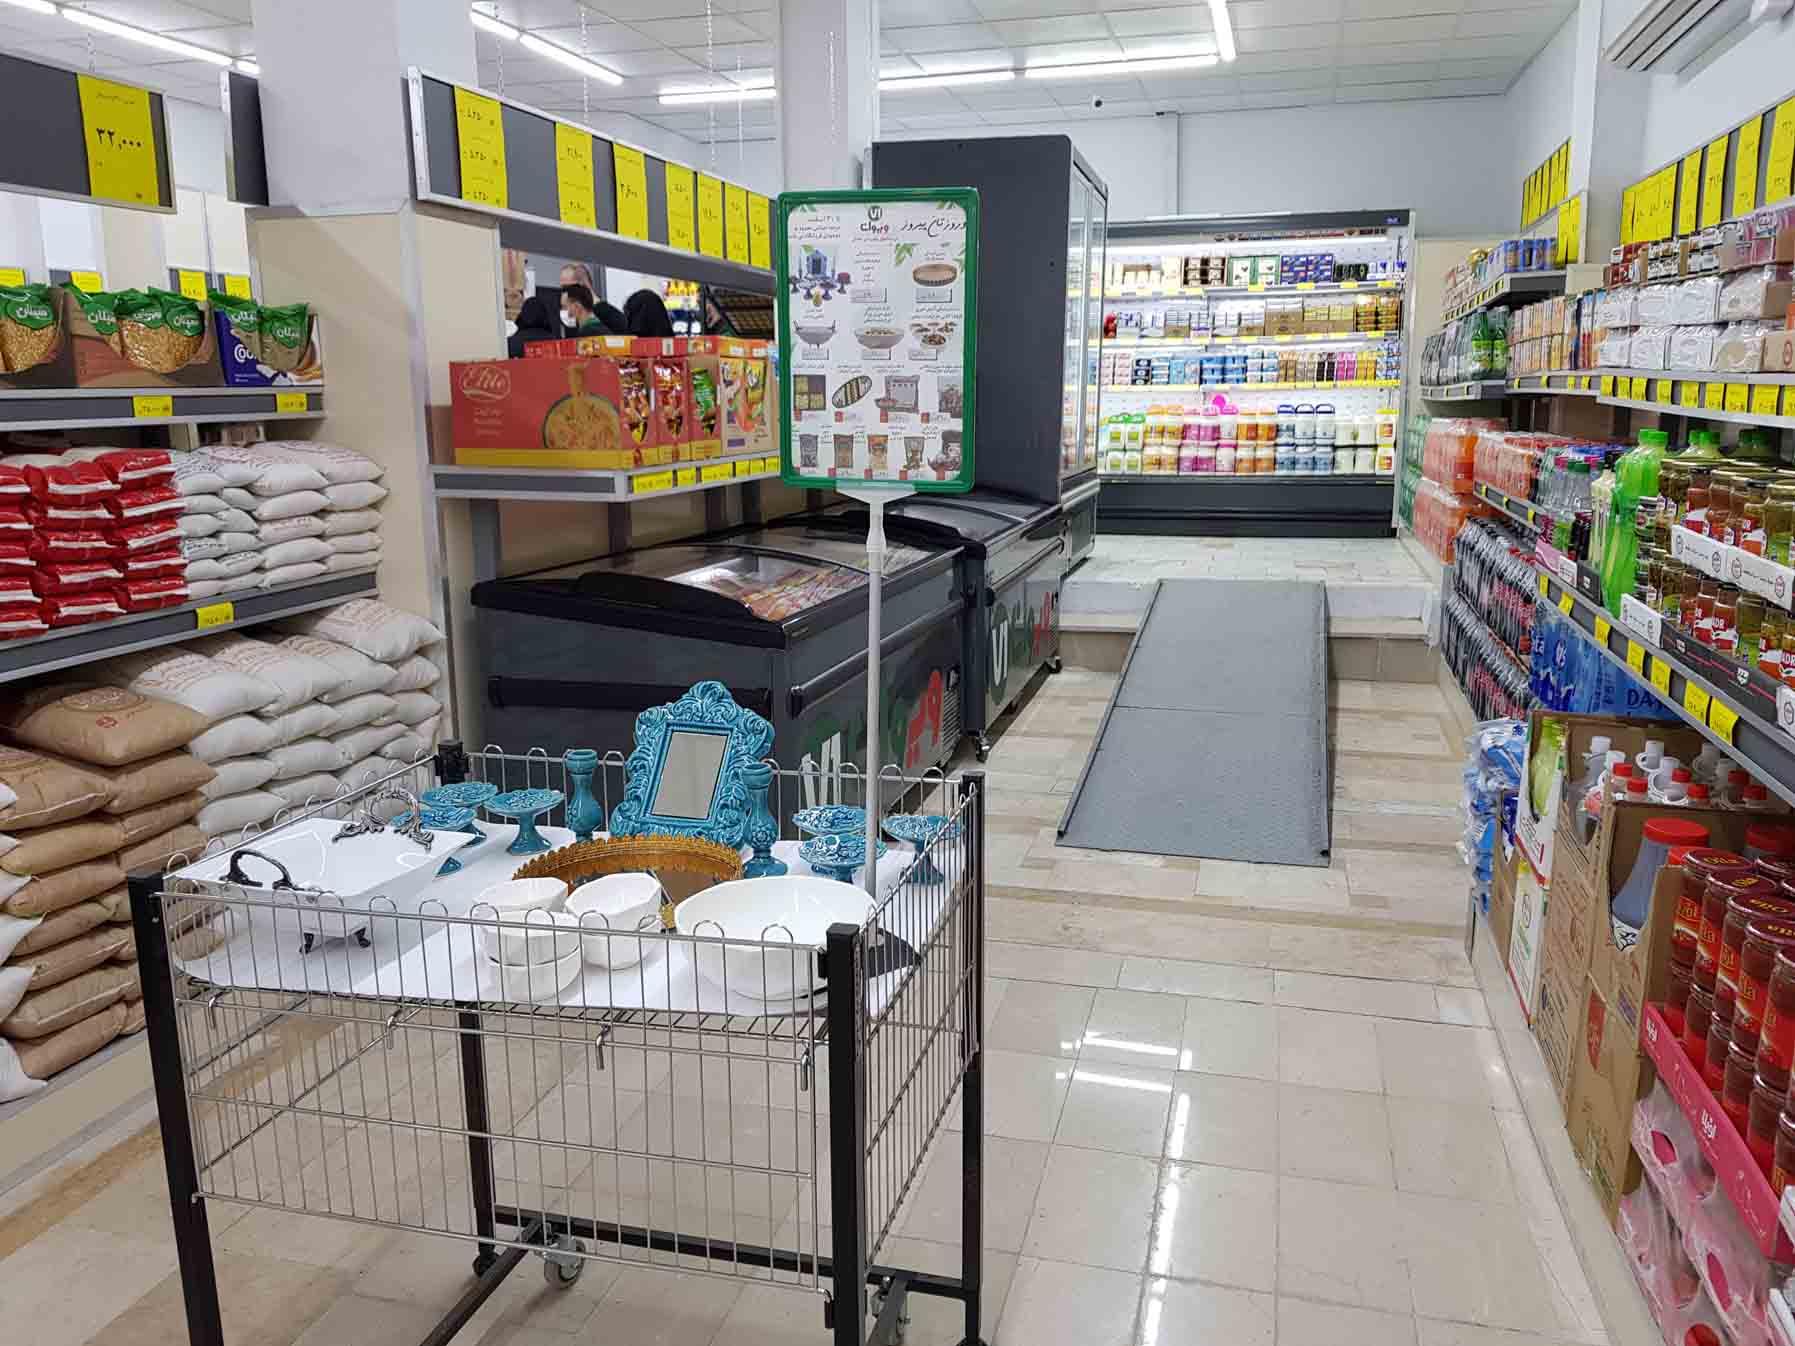 فروشگاه های زنجیره ای تخفیفی ویوان در بریانک افتتاح گردید